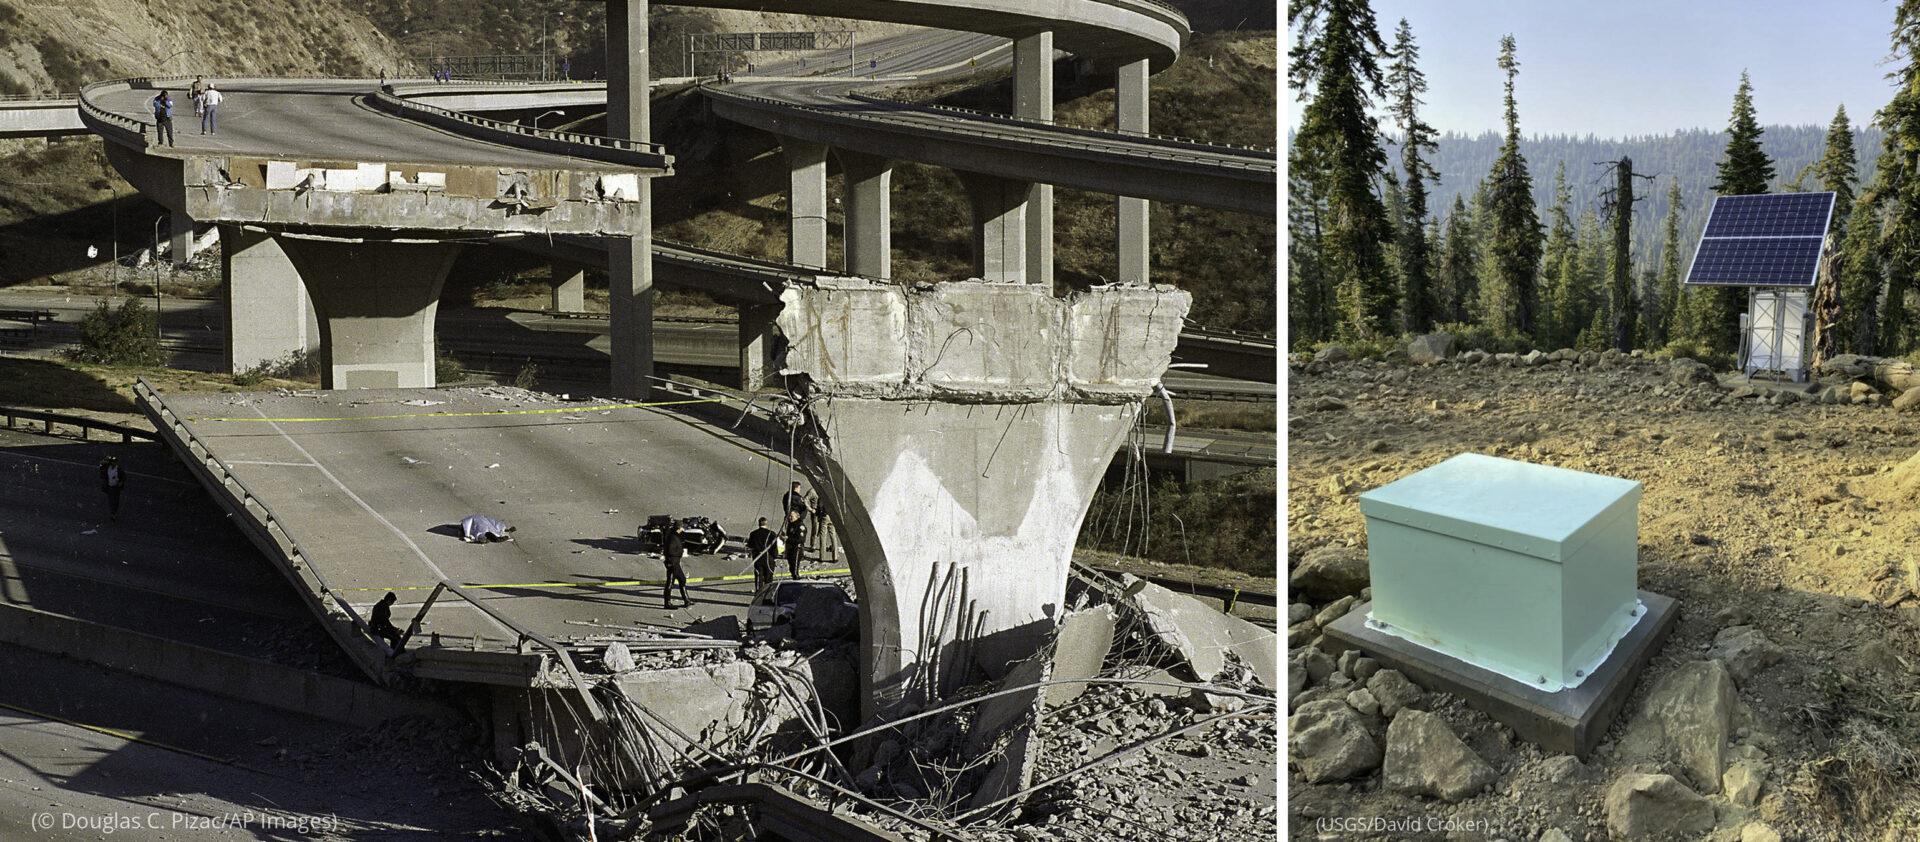 Foto kiri: Personel darurat berjalan di sekitar lokasi jalan layang bebas hambatan yang ambruk (© Douglas C. Pizac/AP Images) Foto kanan: Seismometer dan panel suryanya di tempat terbuka di hutan (USGS/David Croker)